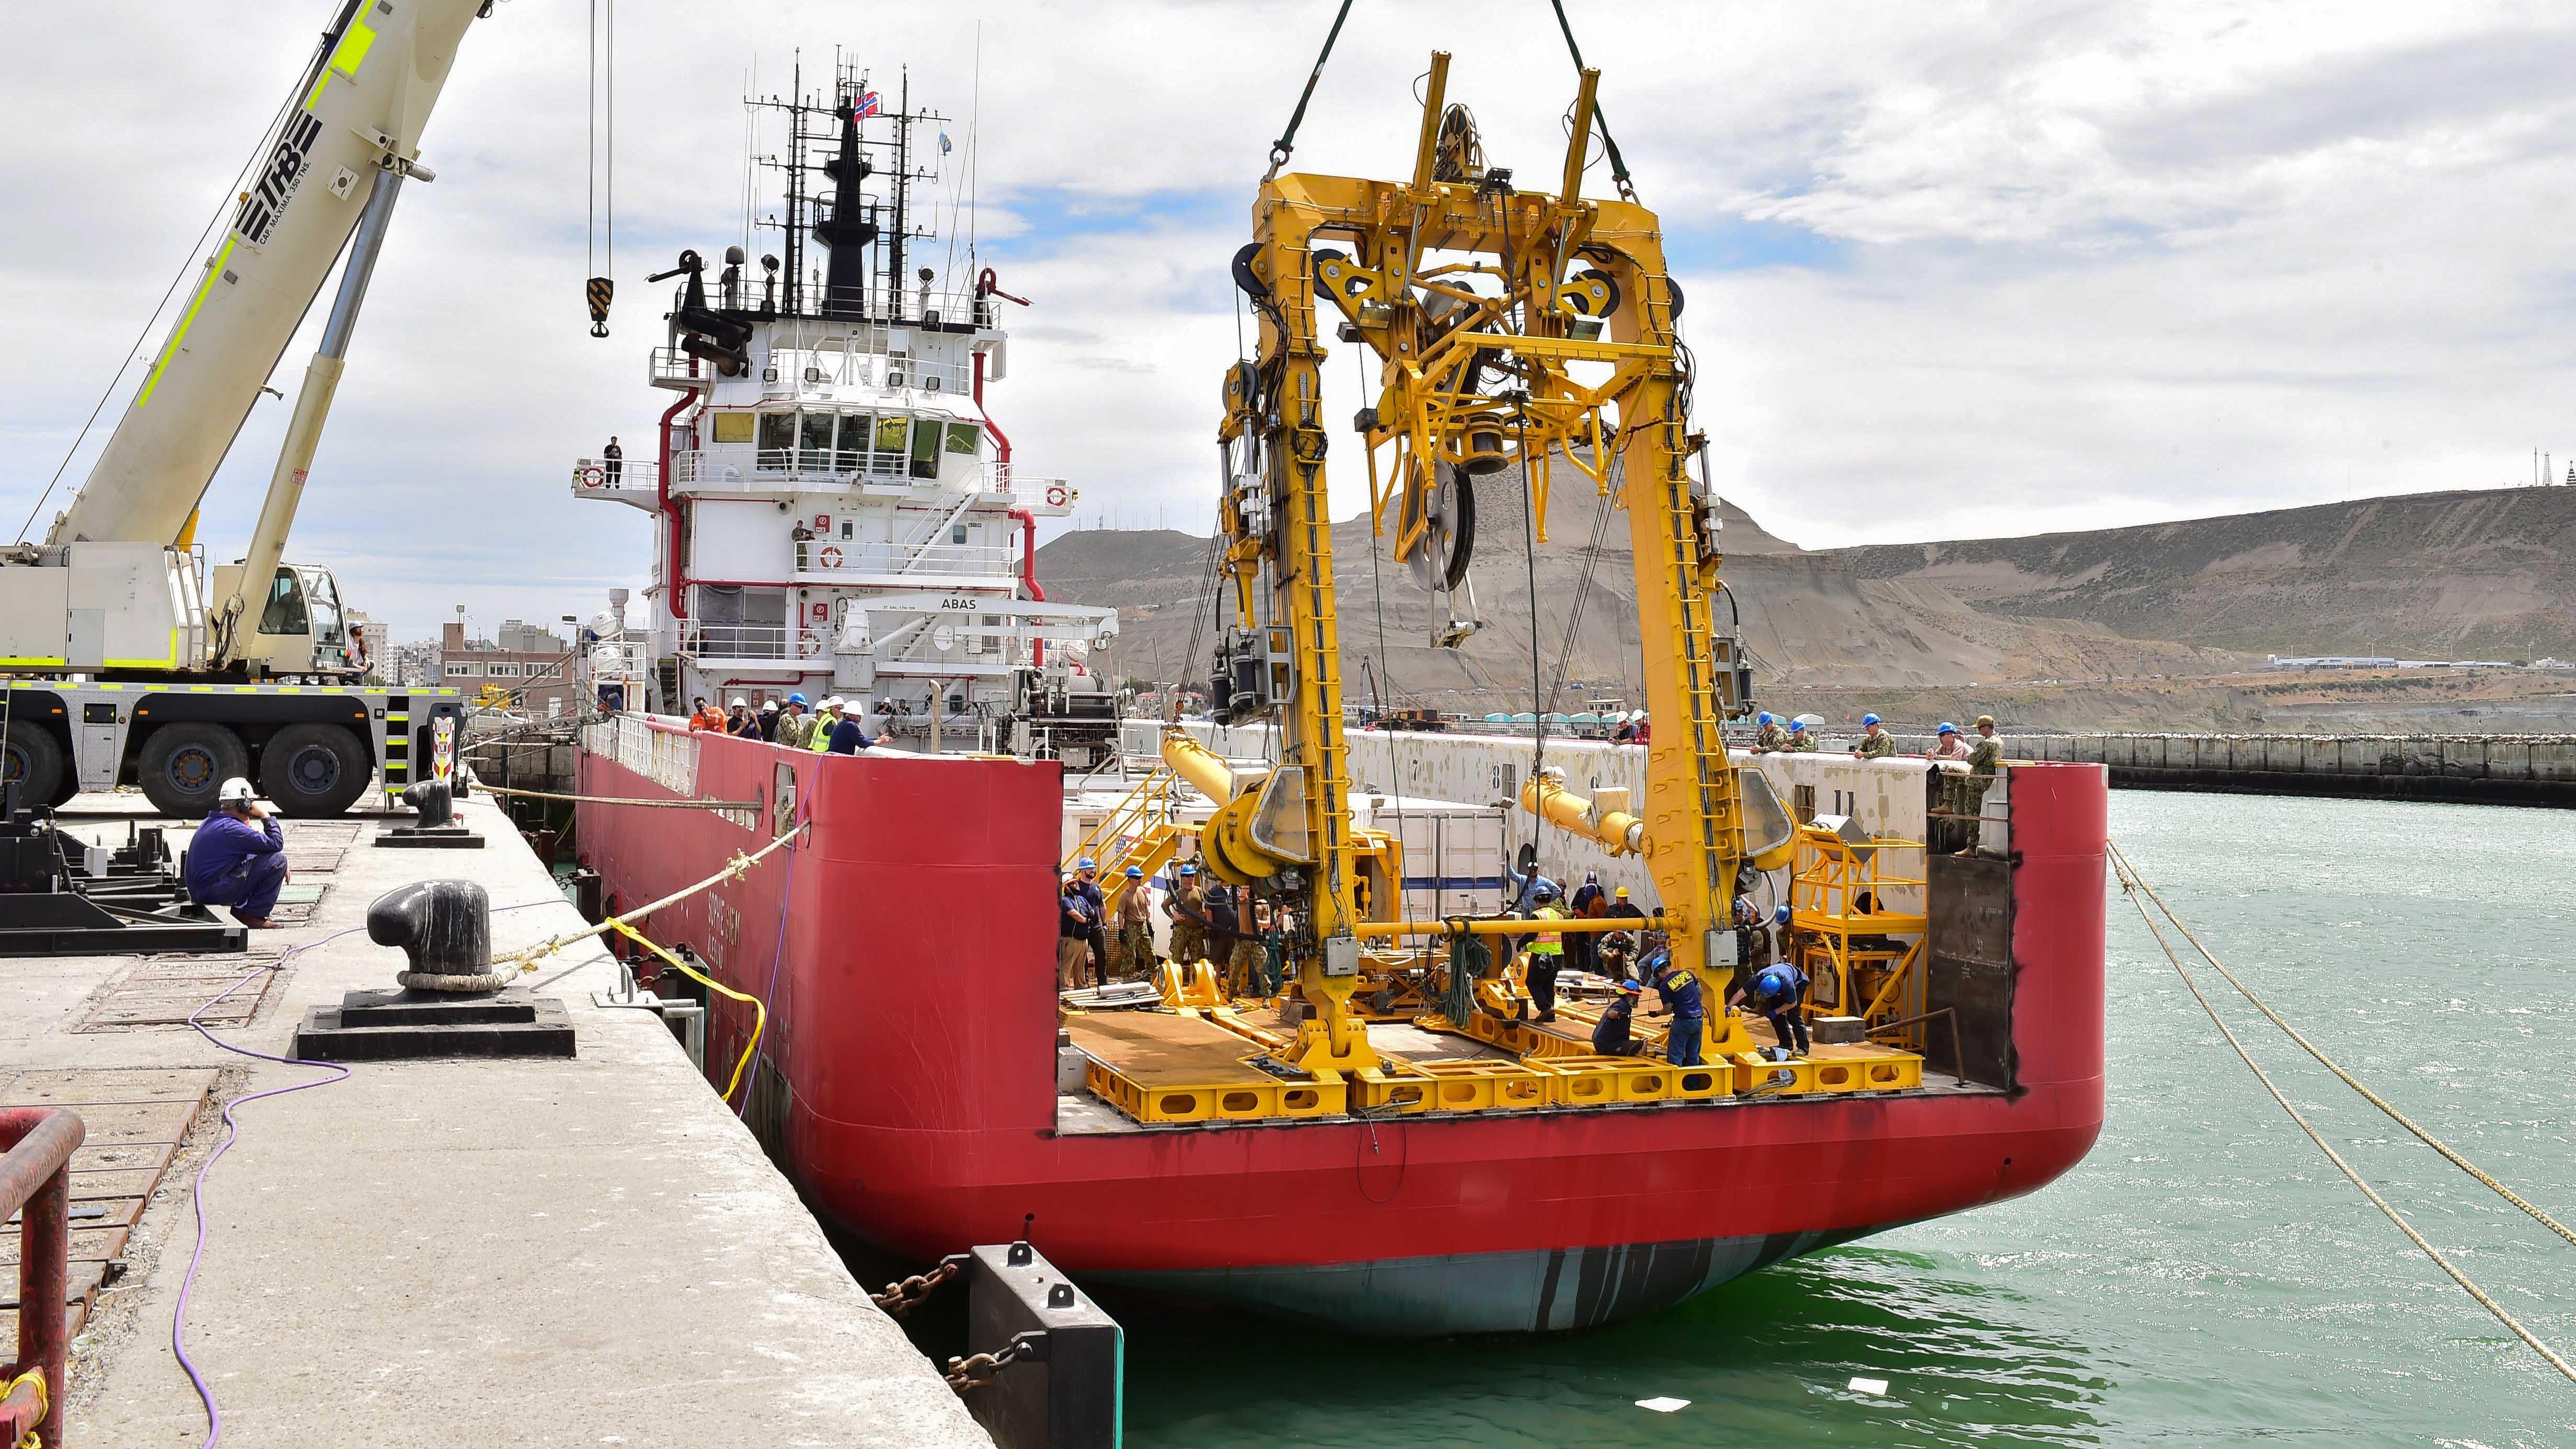 El buque Sophie Siem demoró su salida por no poder izar el minisubmarino. (Foto: Télam)